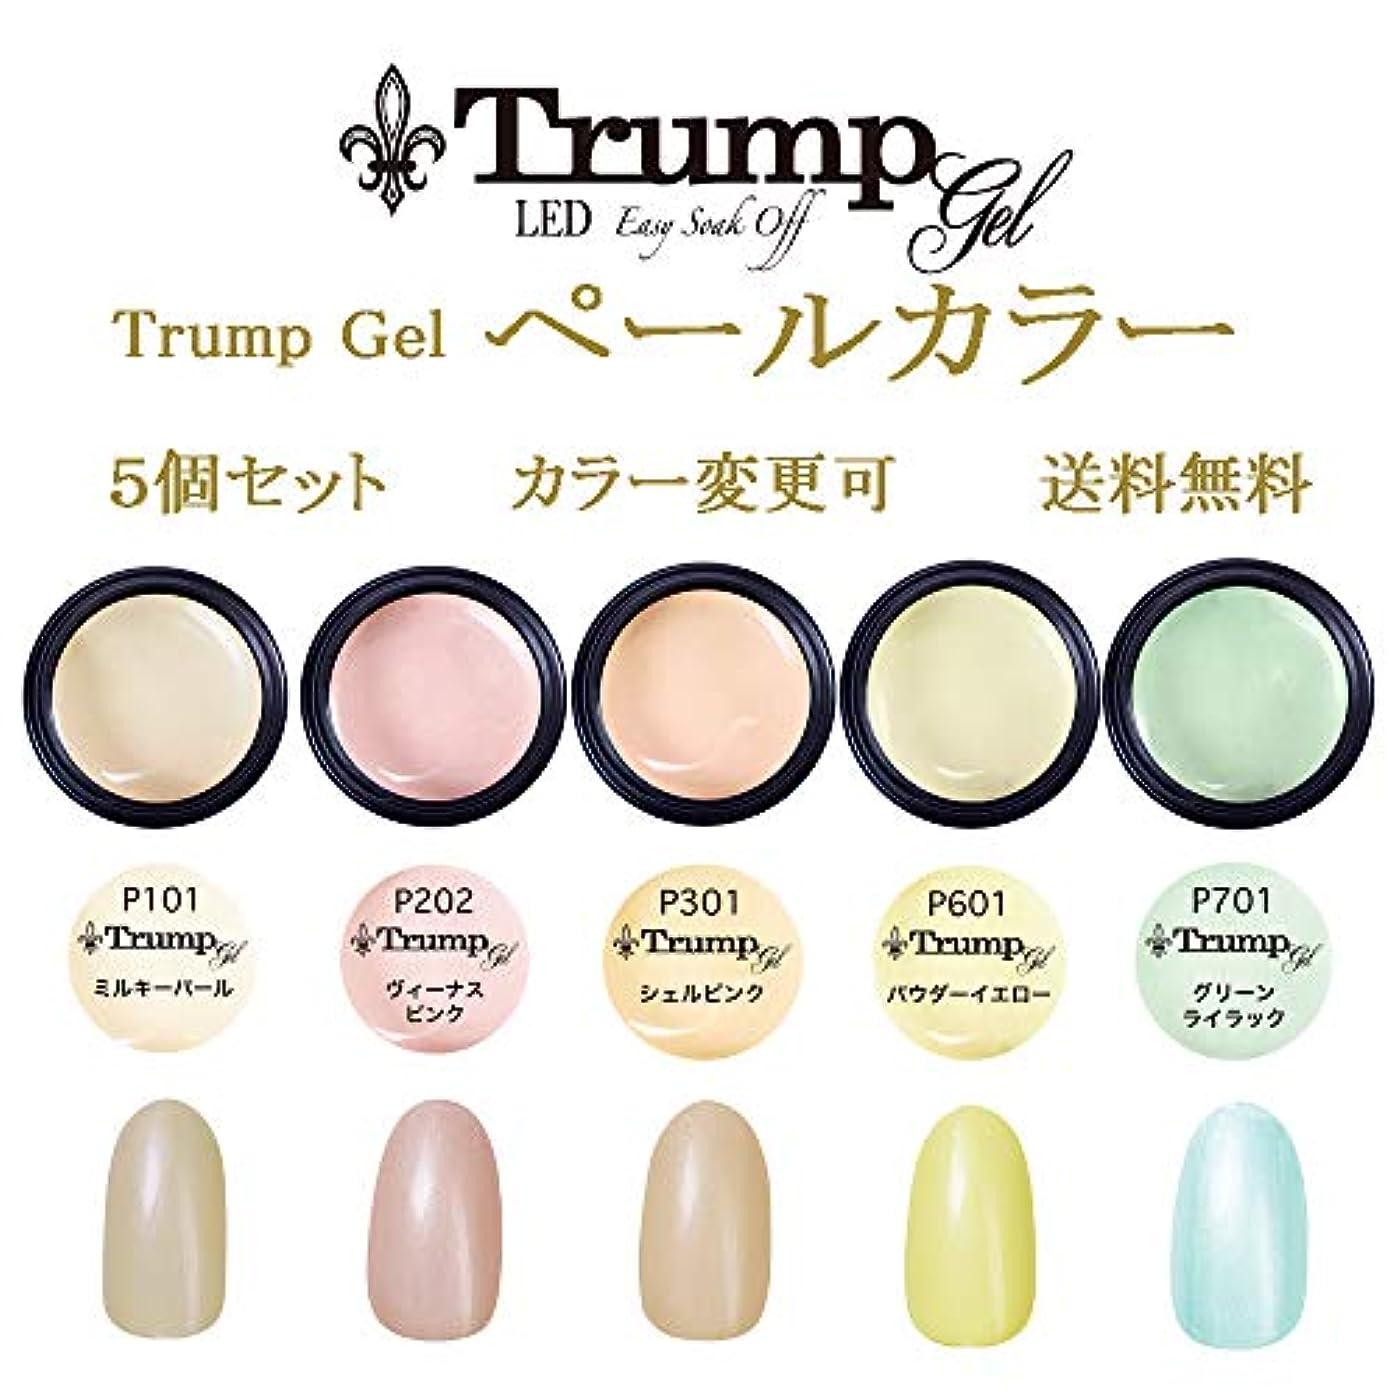 赤字仕事に行くではごきげんよう日本製 Trump gel トランプジェル ペールカラー 選べる カラージェル 5個セット パール イエロー ベージュ ピンク ブルー